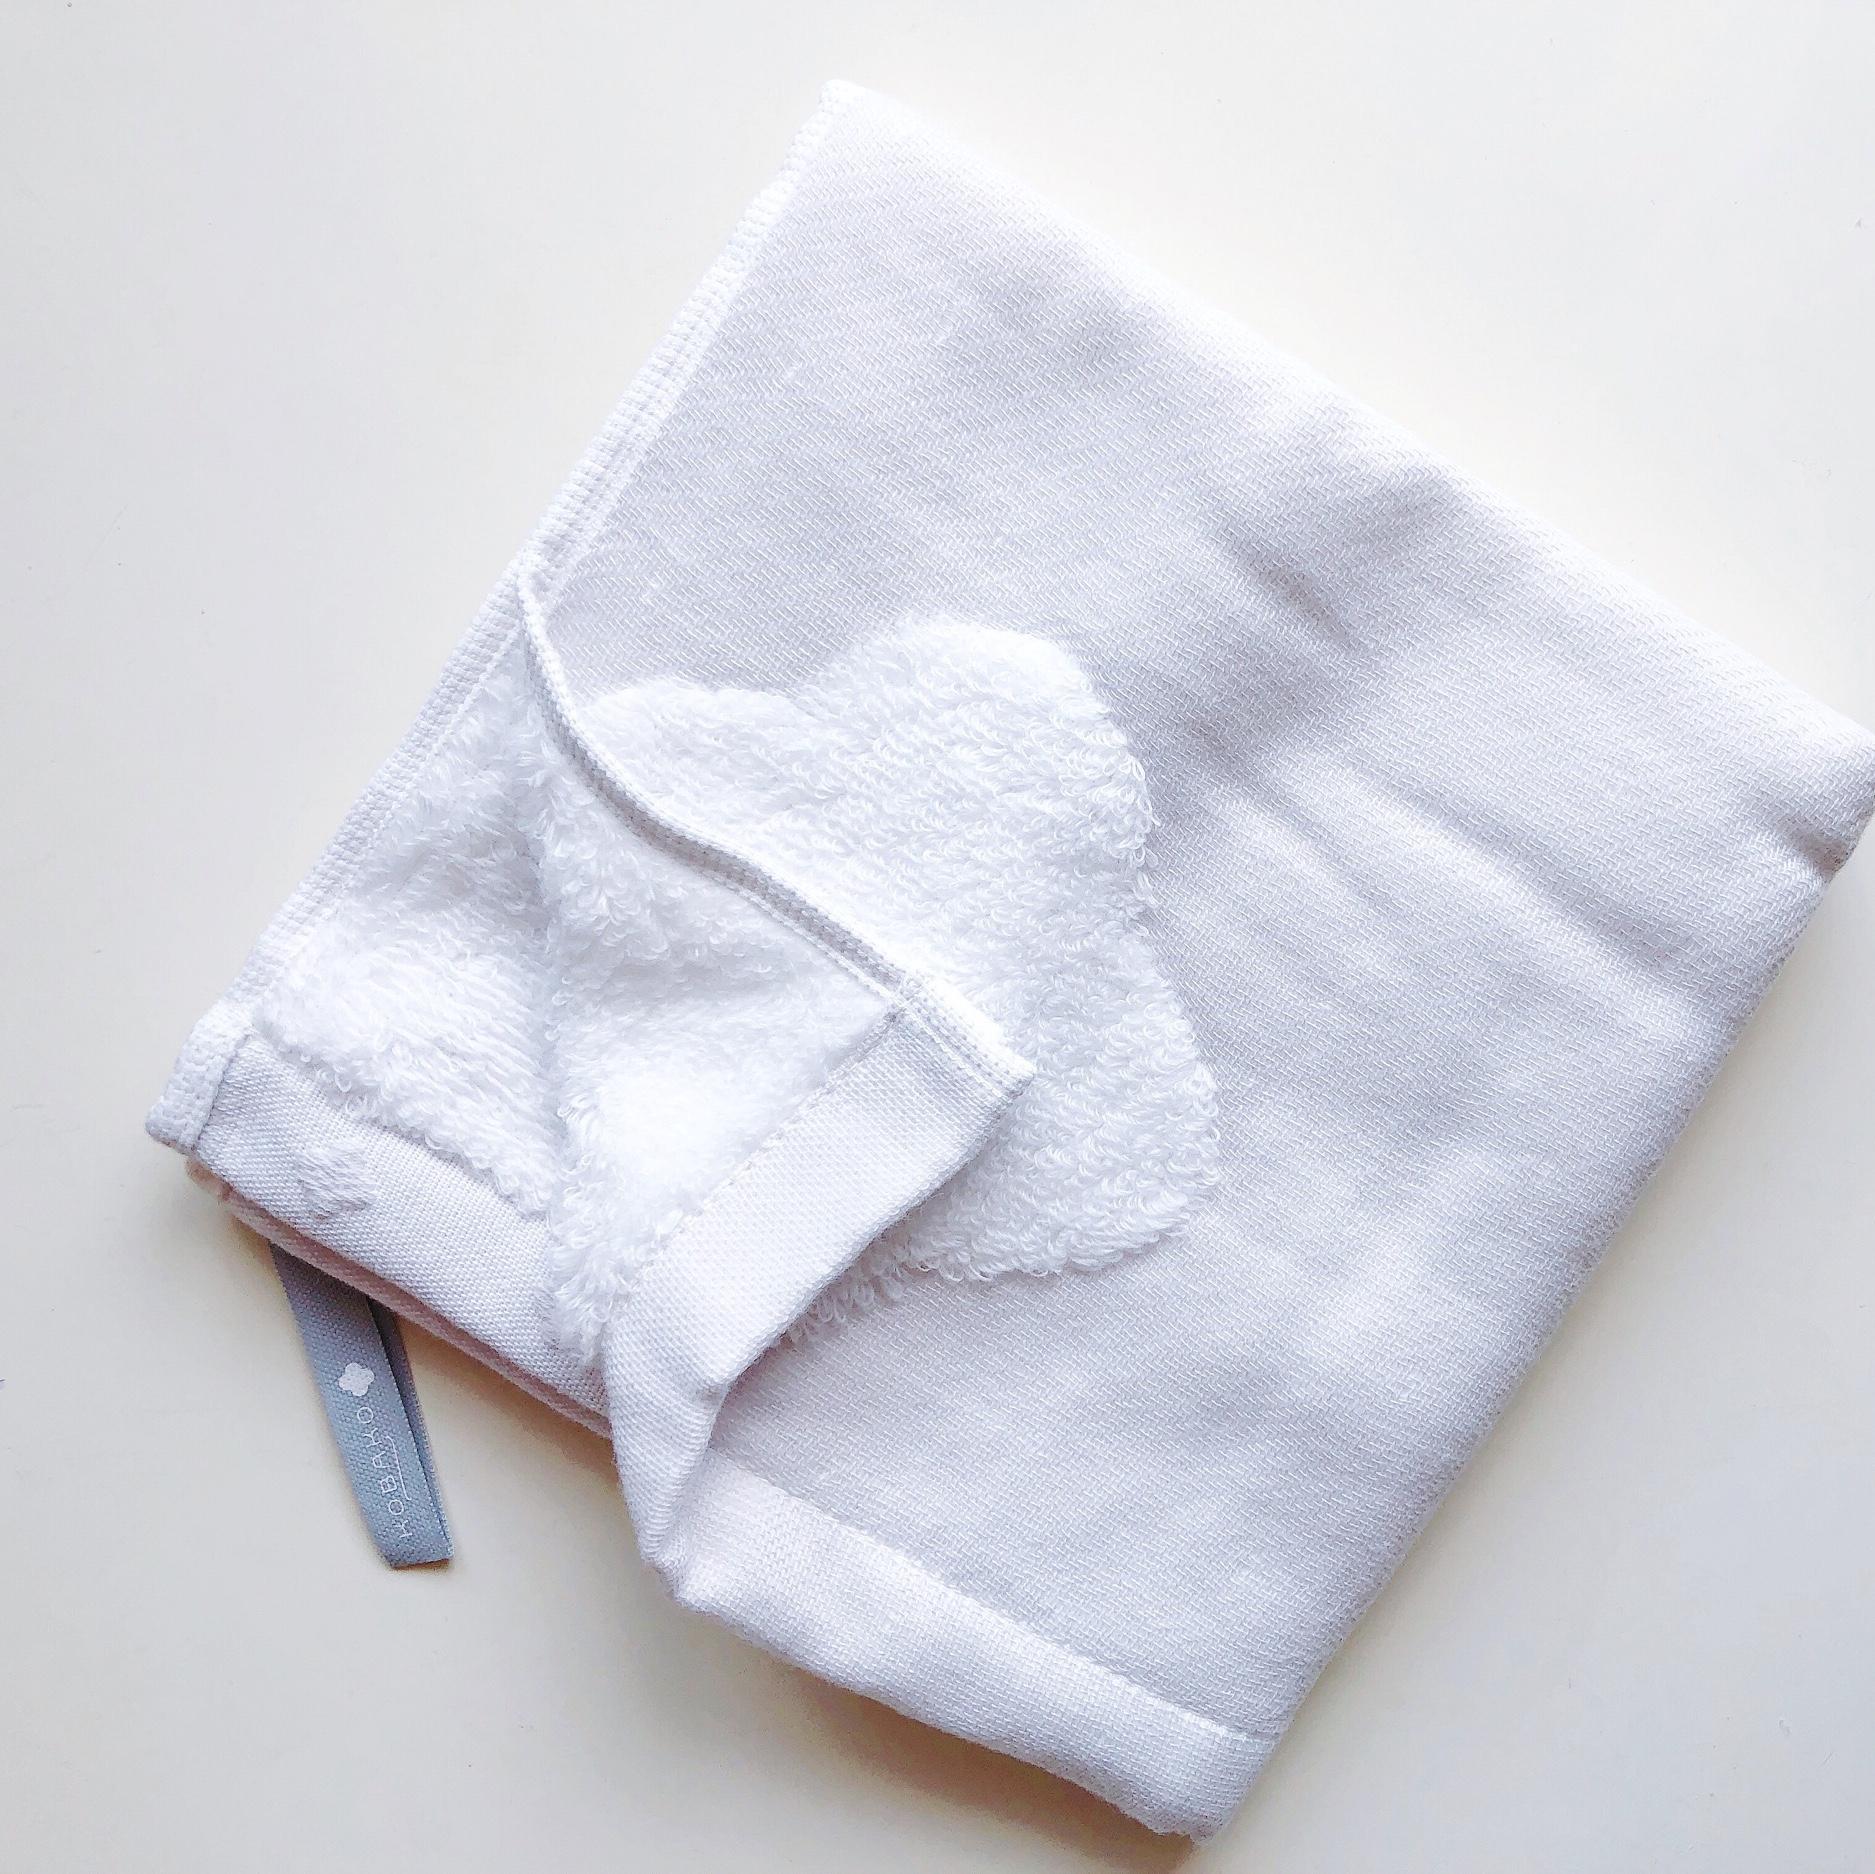 スチーマーいらずのスチーム洗顔タオル!おうちエステしませんか?